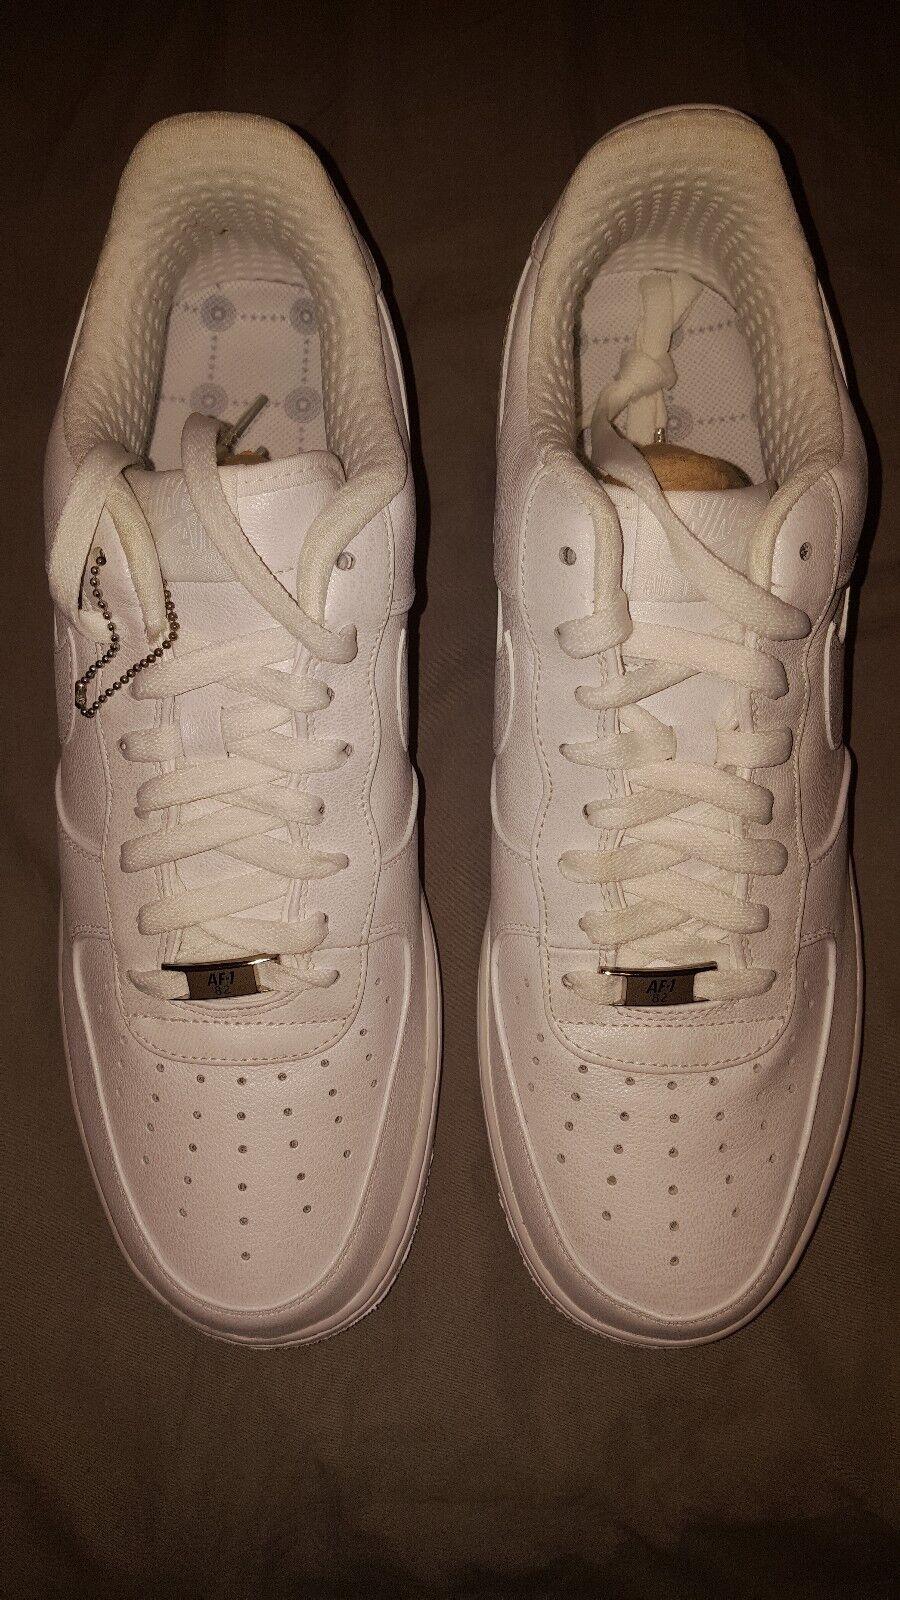 2018 Nike Air Force blanco 1 premium '07 cuero blanco Force perla 315180-111 nueva 12 marca de descuento 736d29